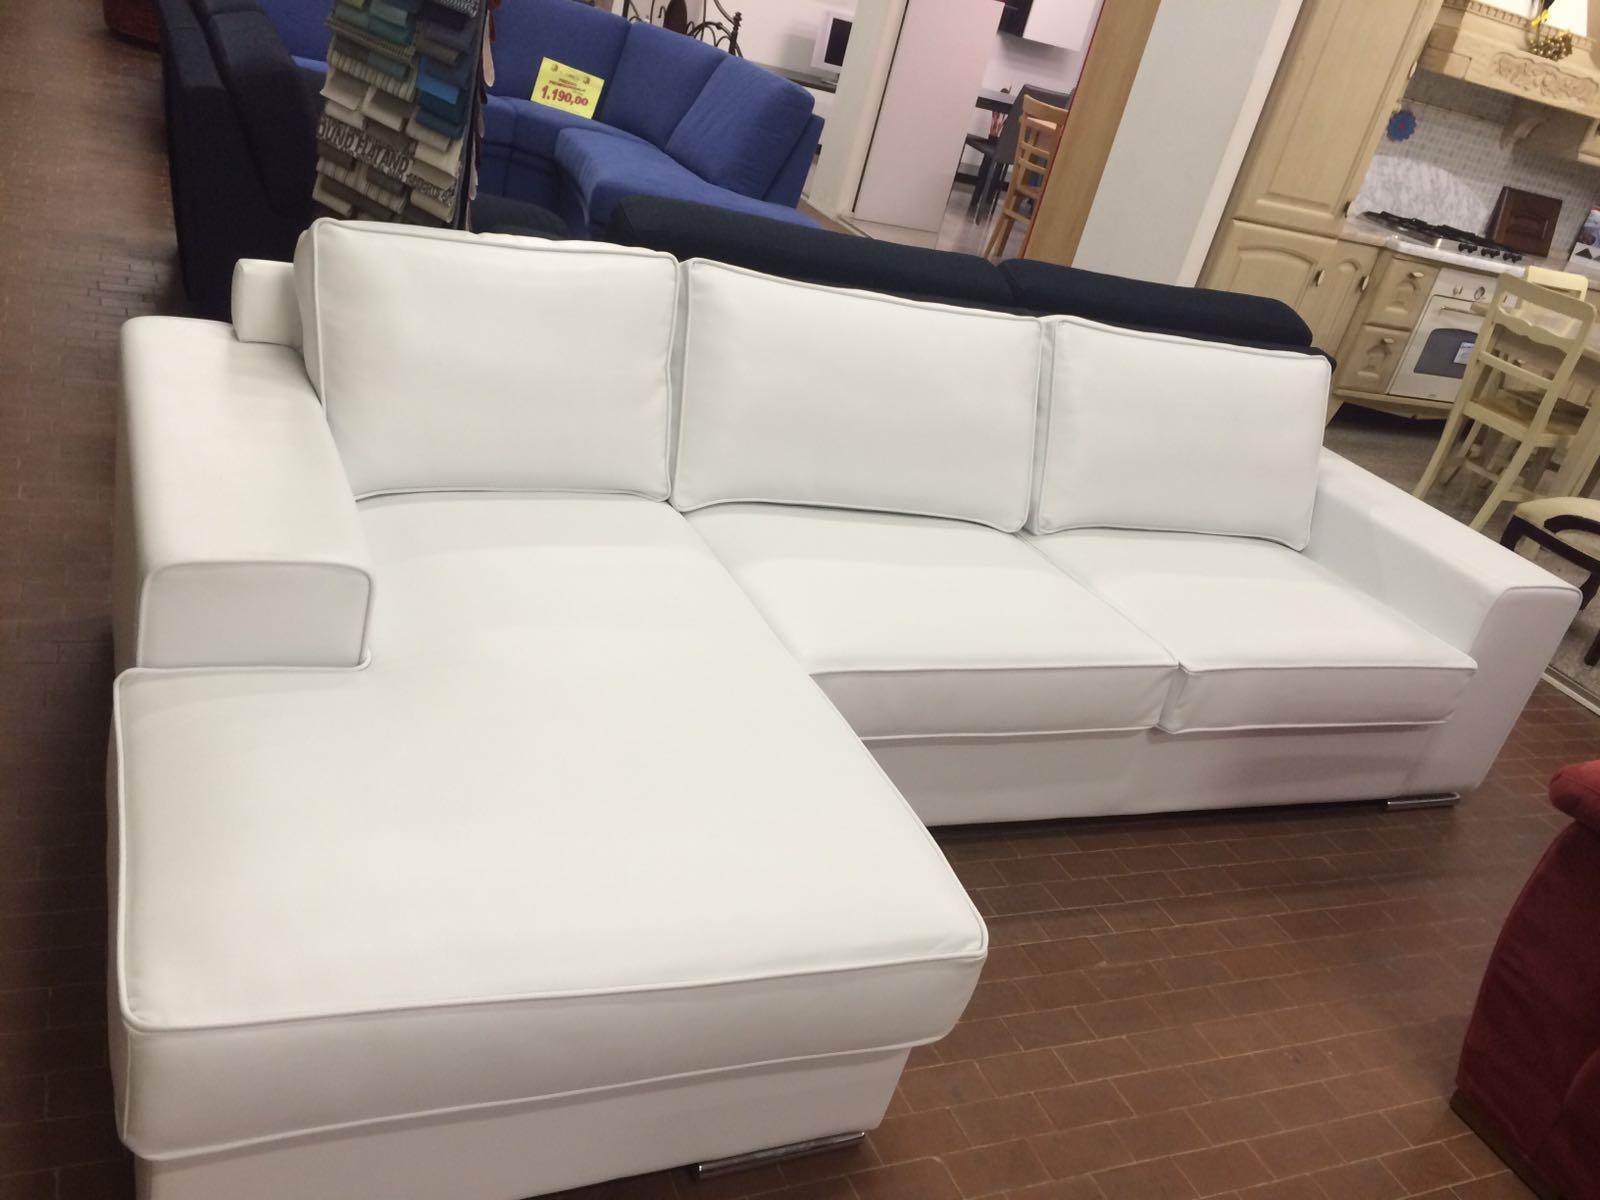 Divano letto bianco sfoderabile design casa creativa e for Divano letto in pelle prezzi